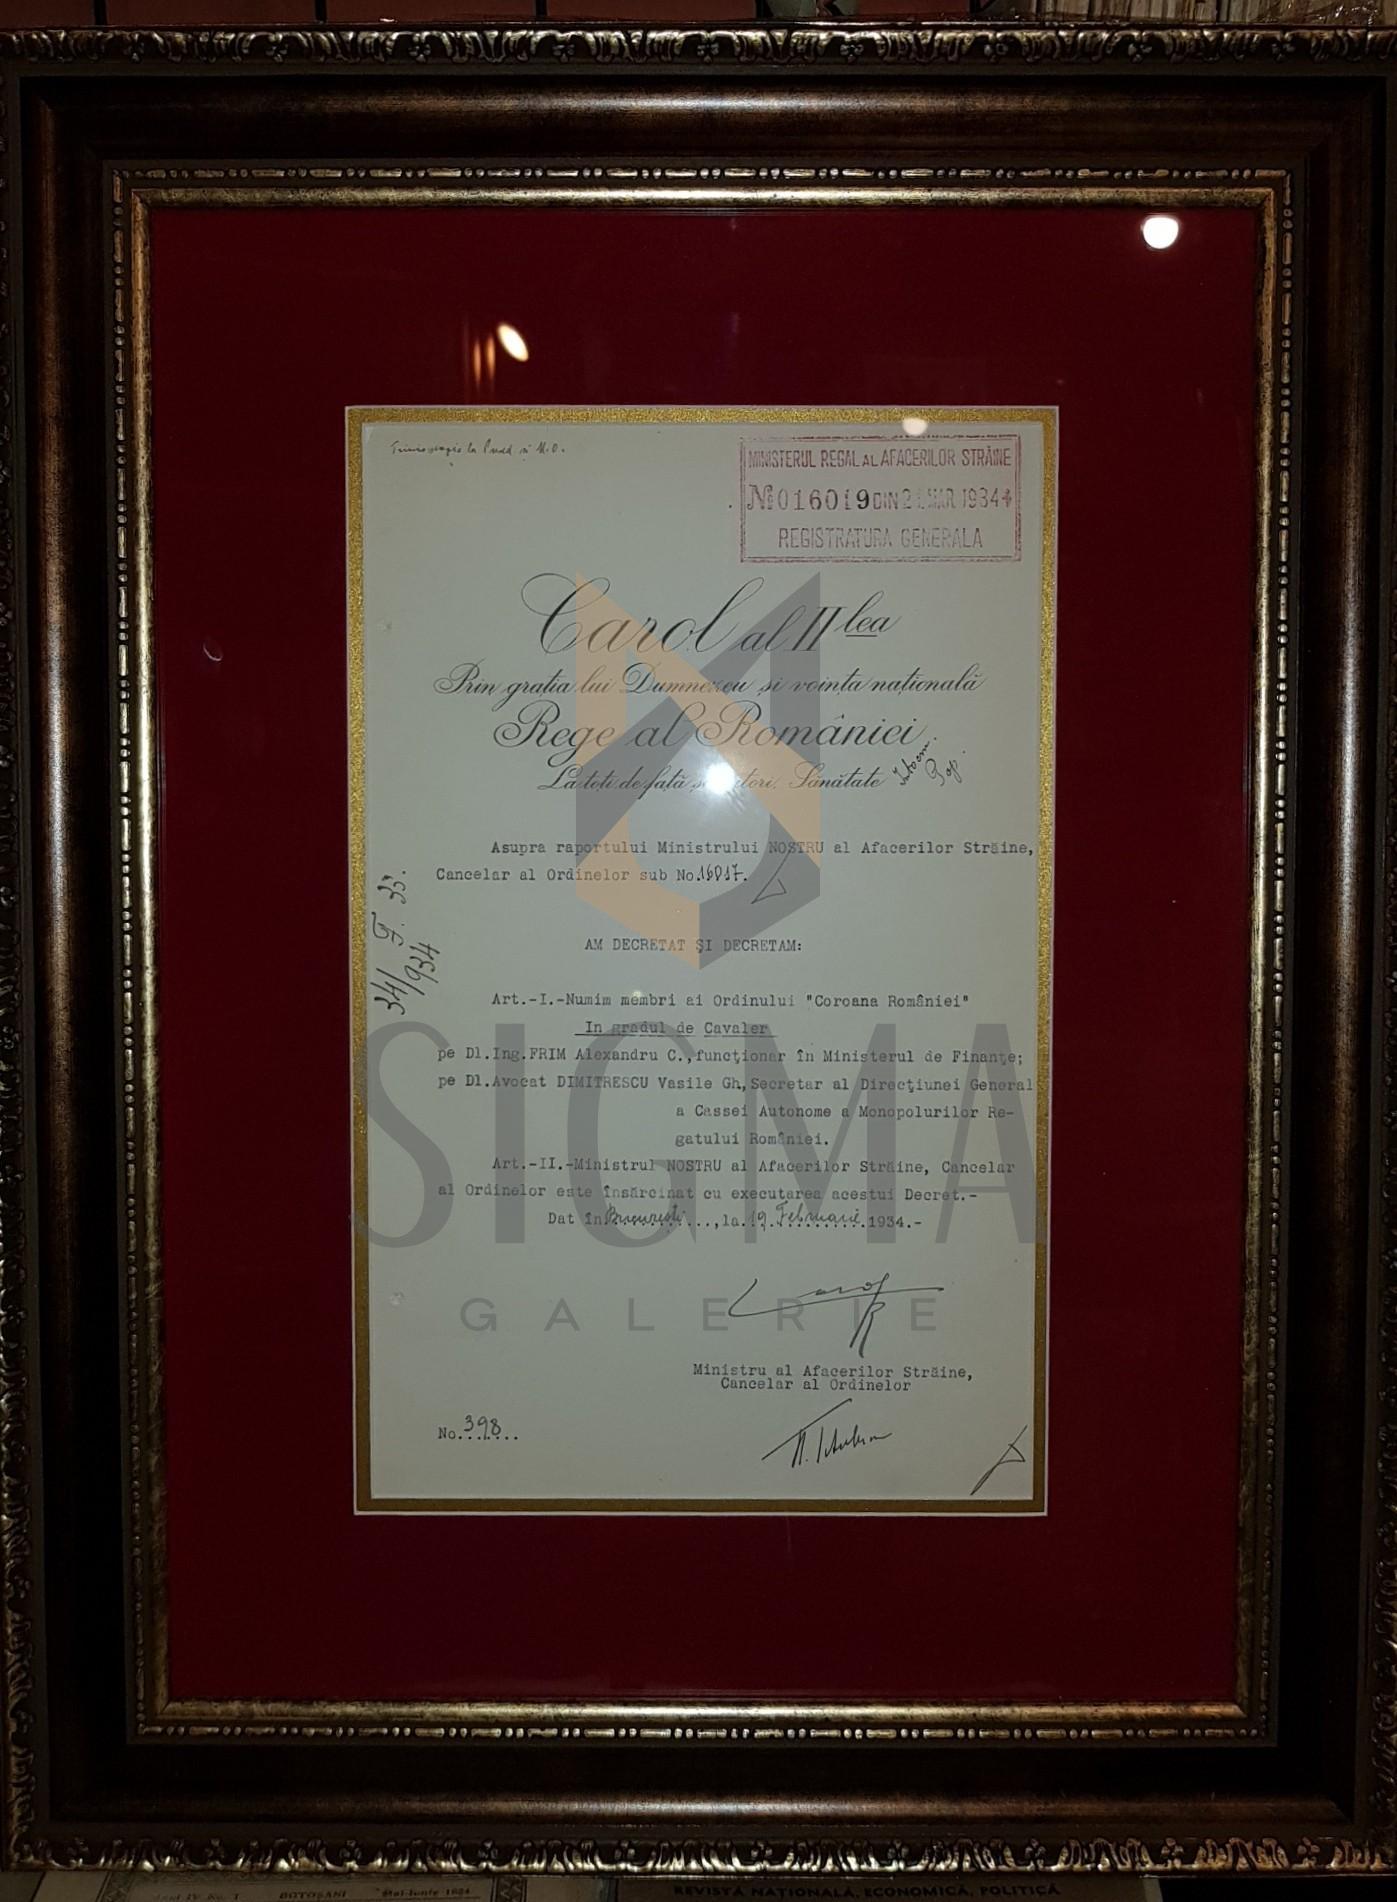 """REGELE """"CAROL II"""" si """"NICOLAE TITULESCU"""" (Ministrul Afacerilor Straine), Document de Cancelarie, 19 Februarie 1934 (Semnaturi In Original !)"""